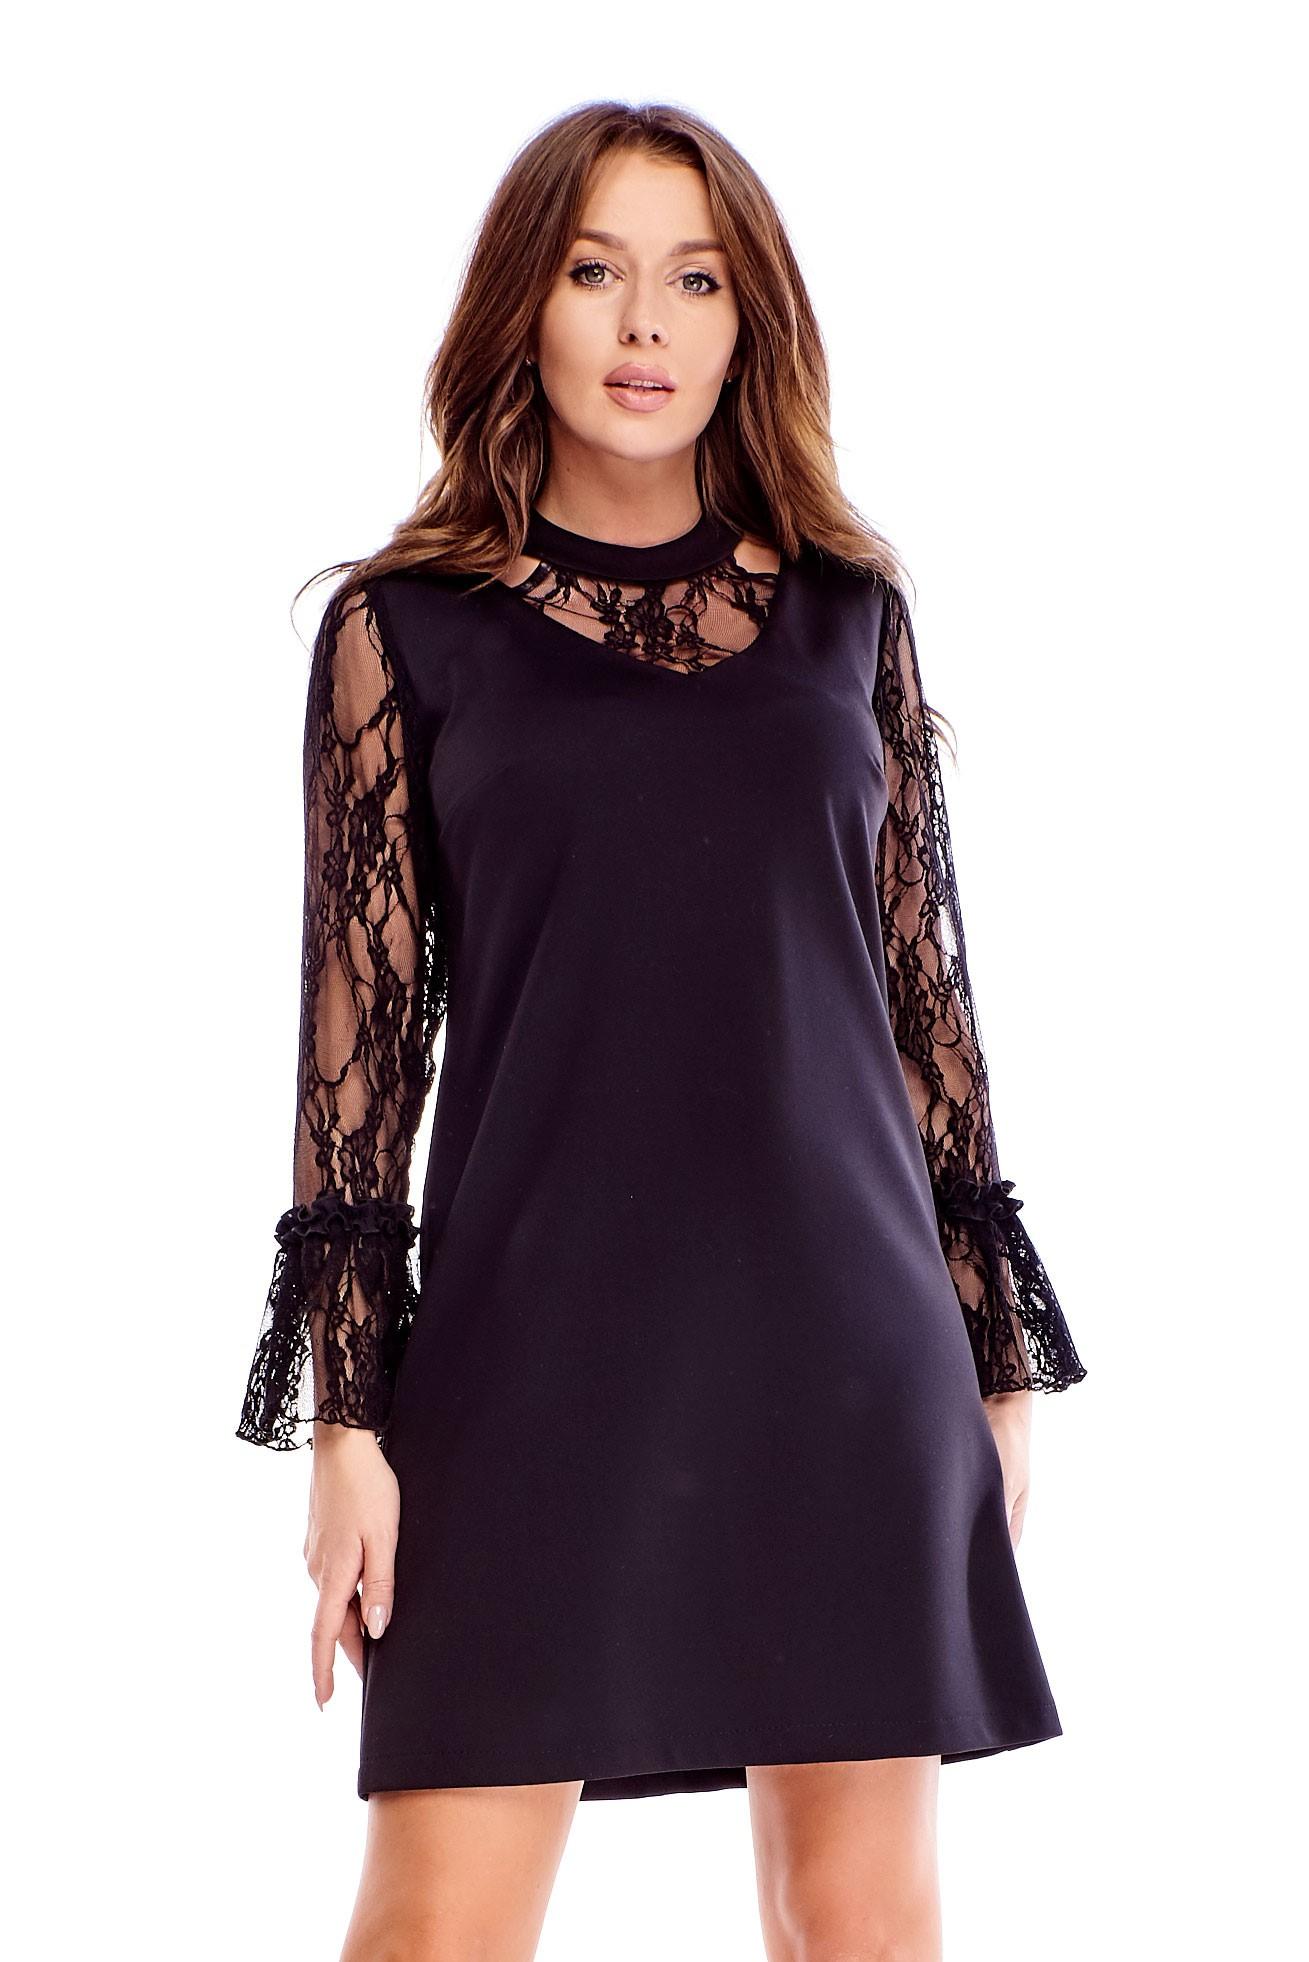 Čierne krátke šaty s čipkovanými rukávmi